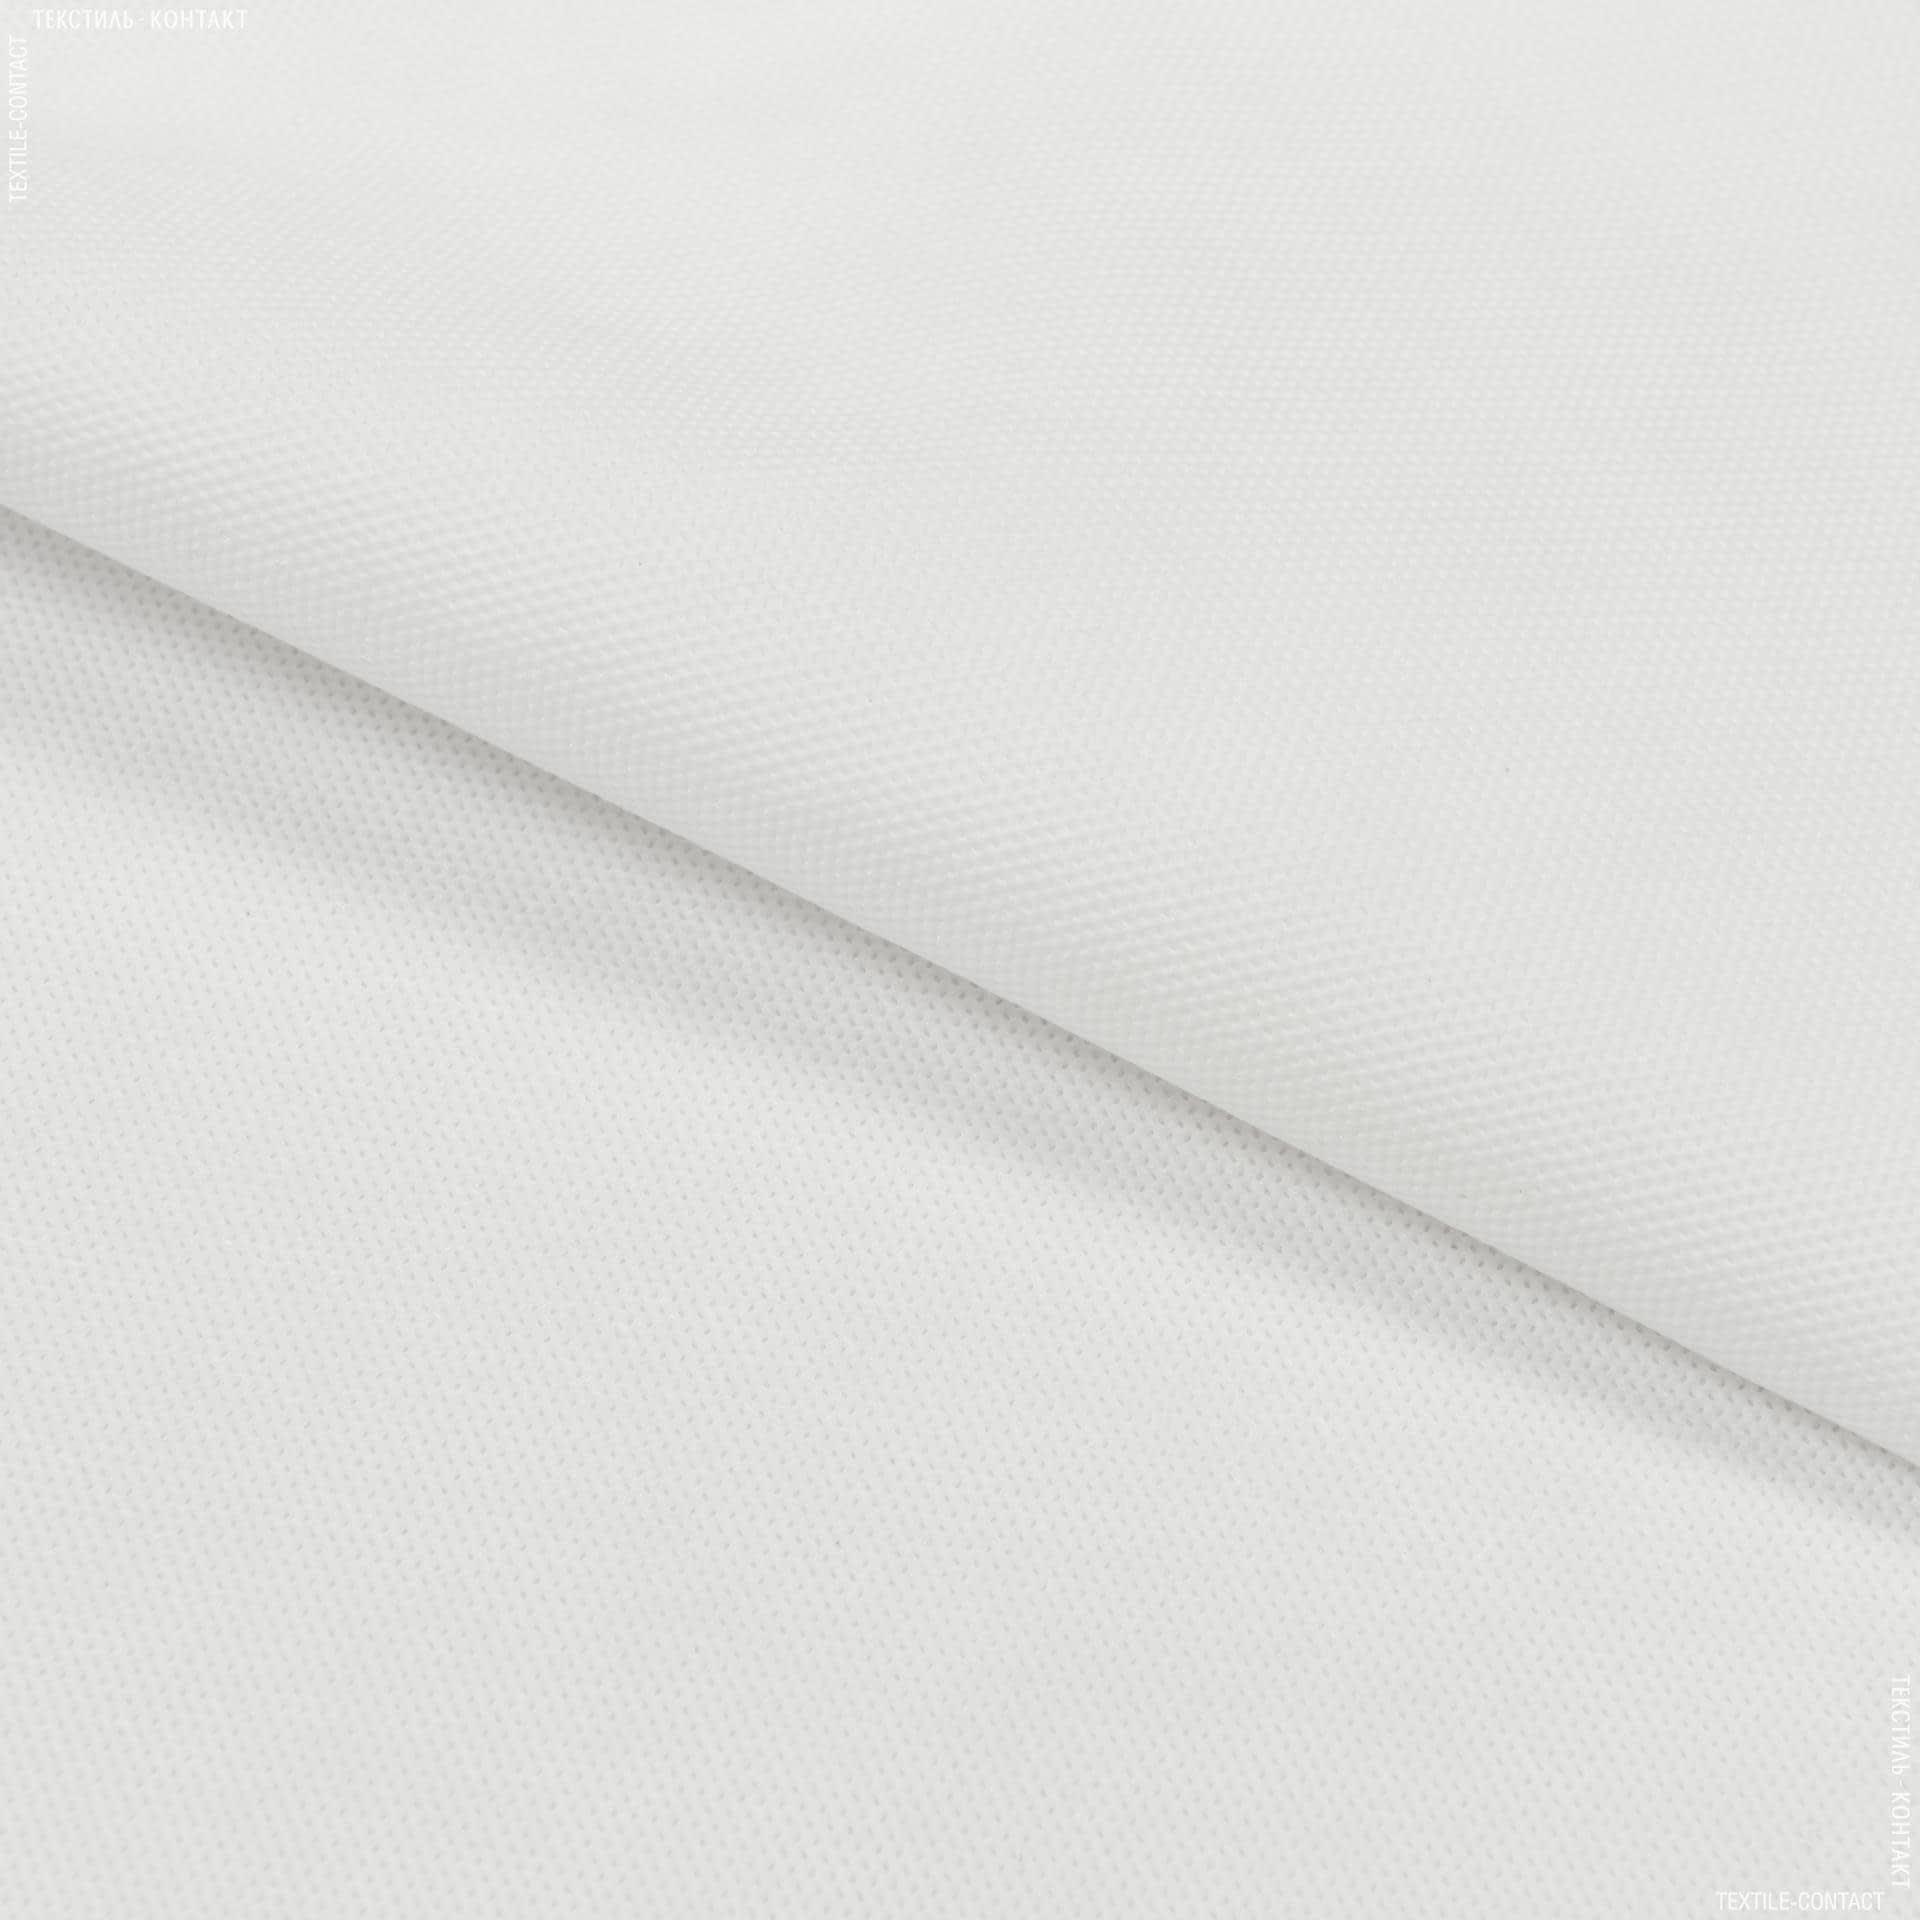 Тканини для сумок - Спанбонд 100g  білий